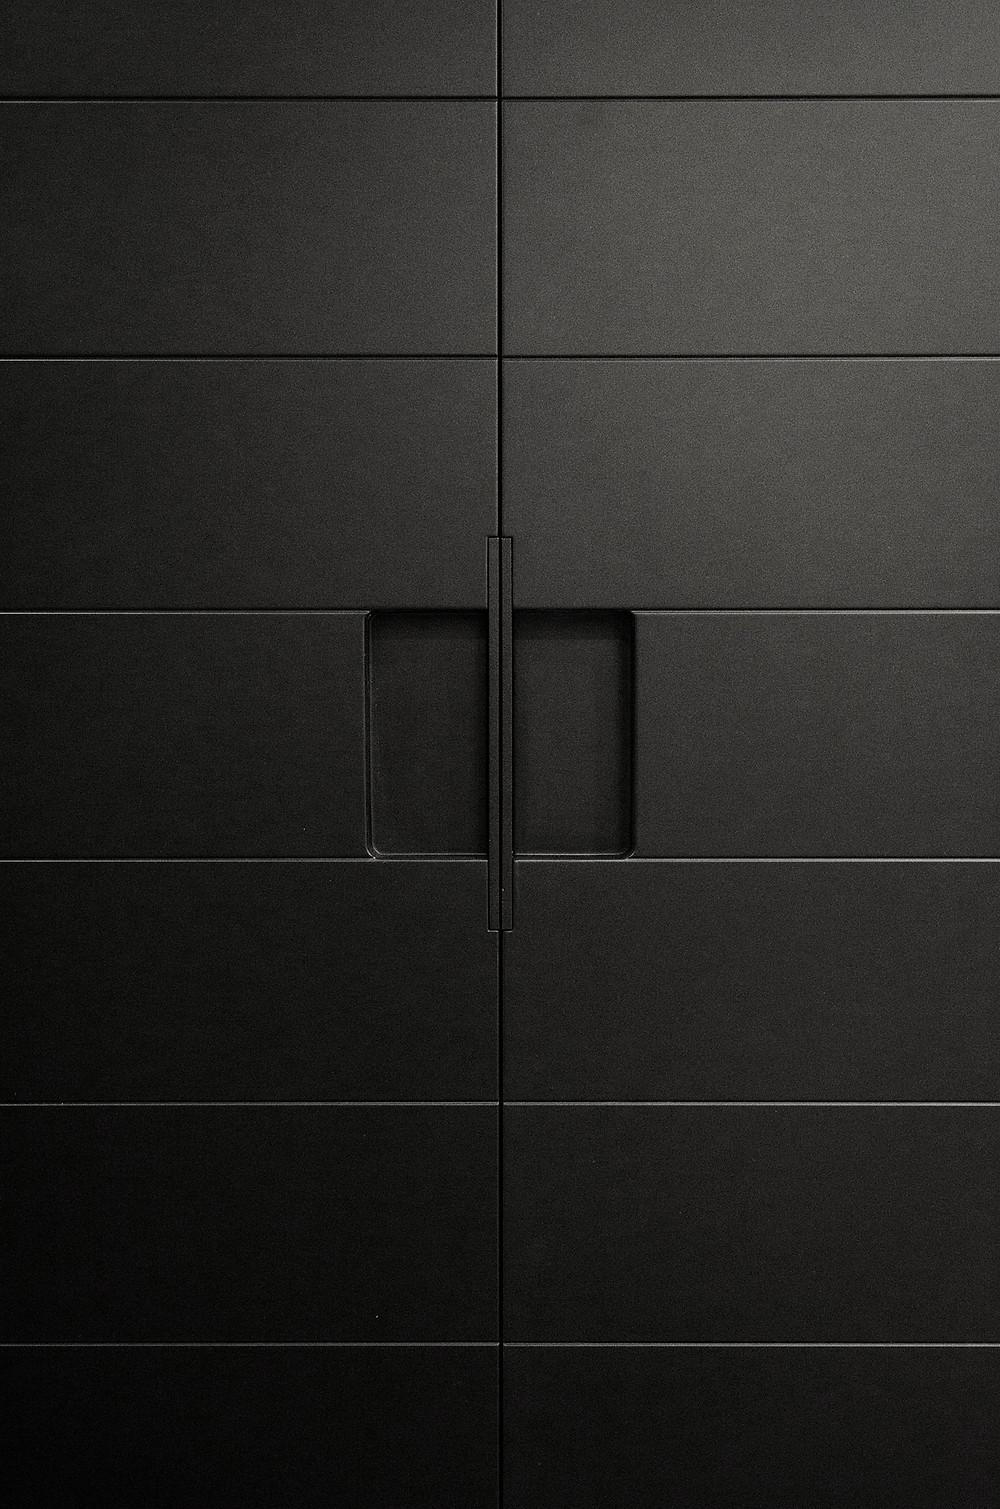 Раздвижная дверь на амбарном механизме Monorolla